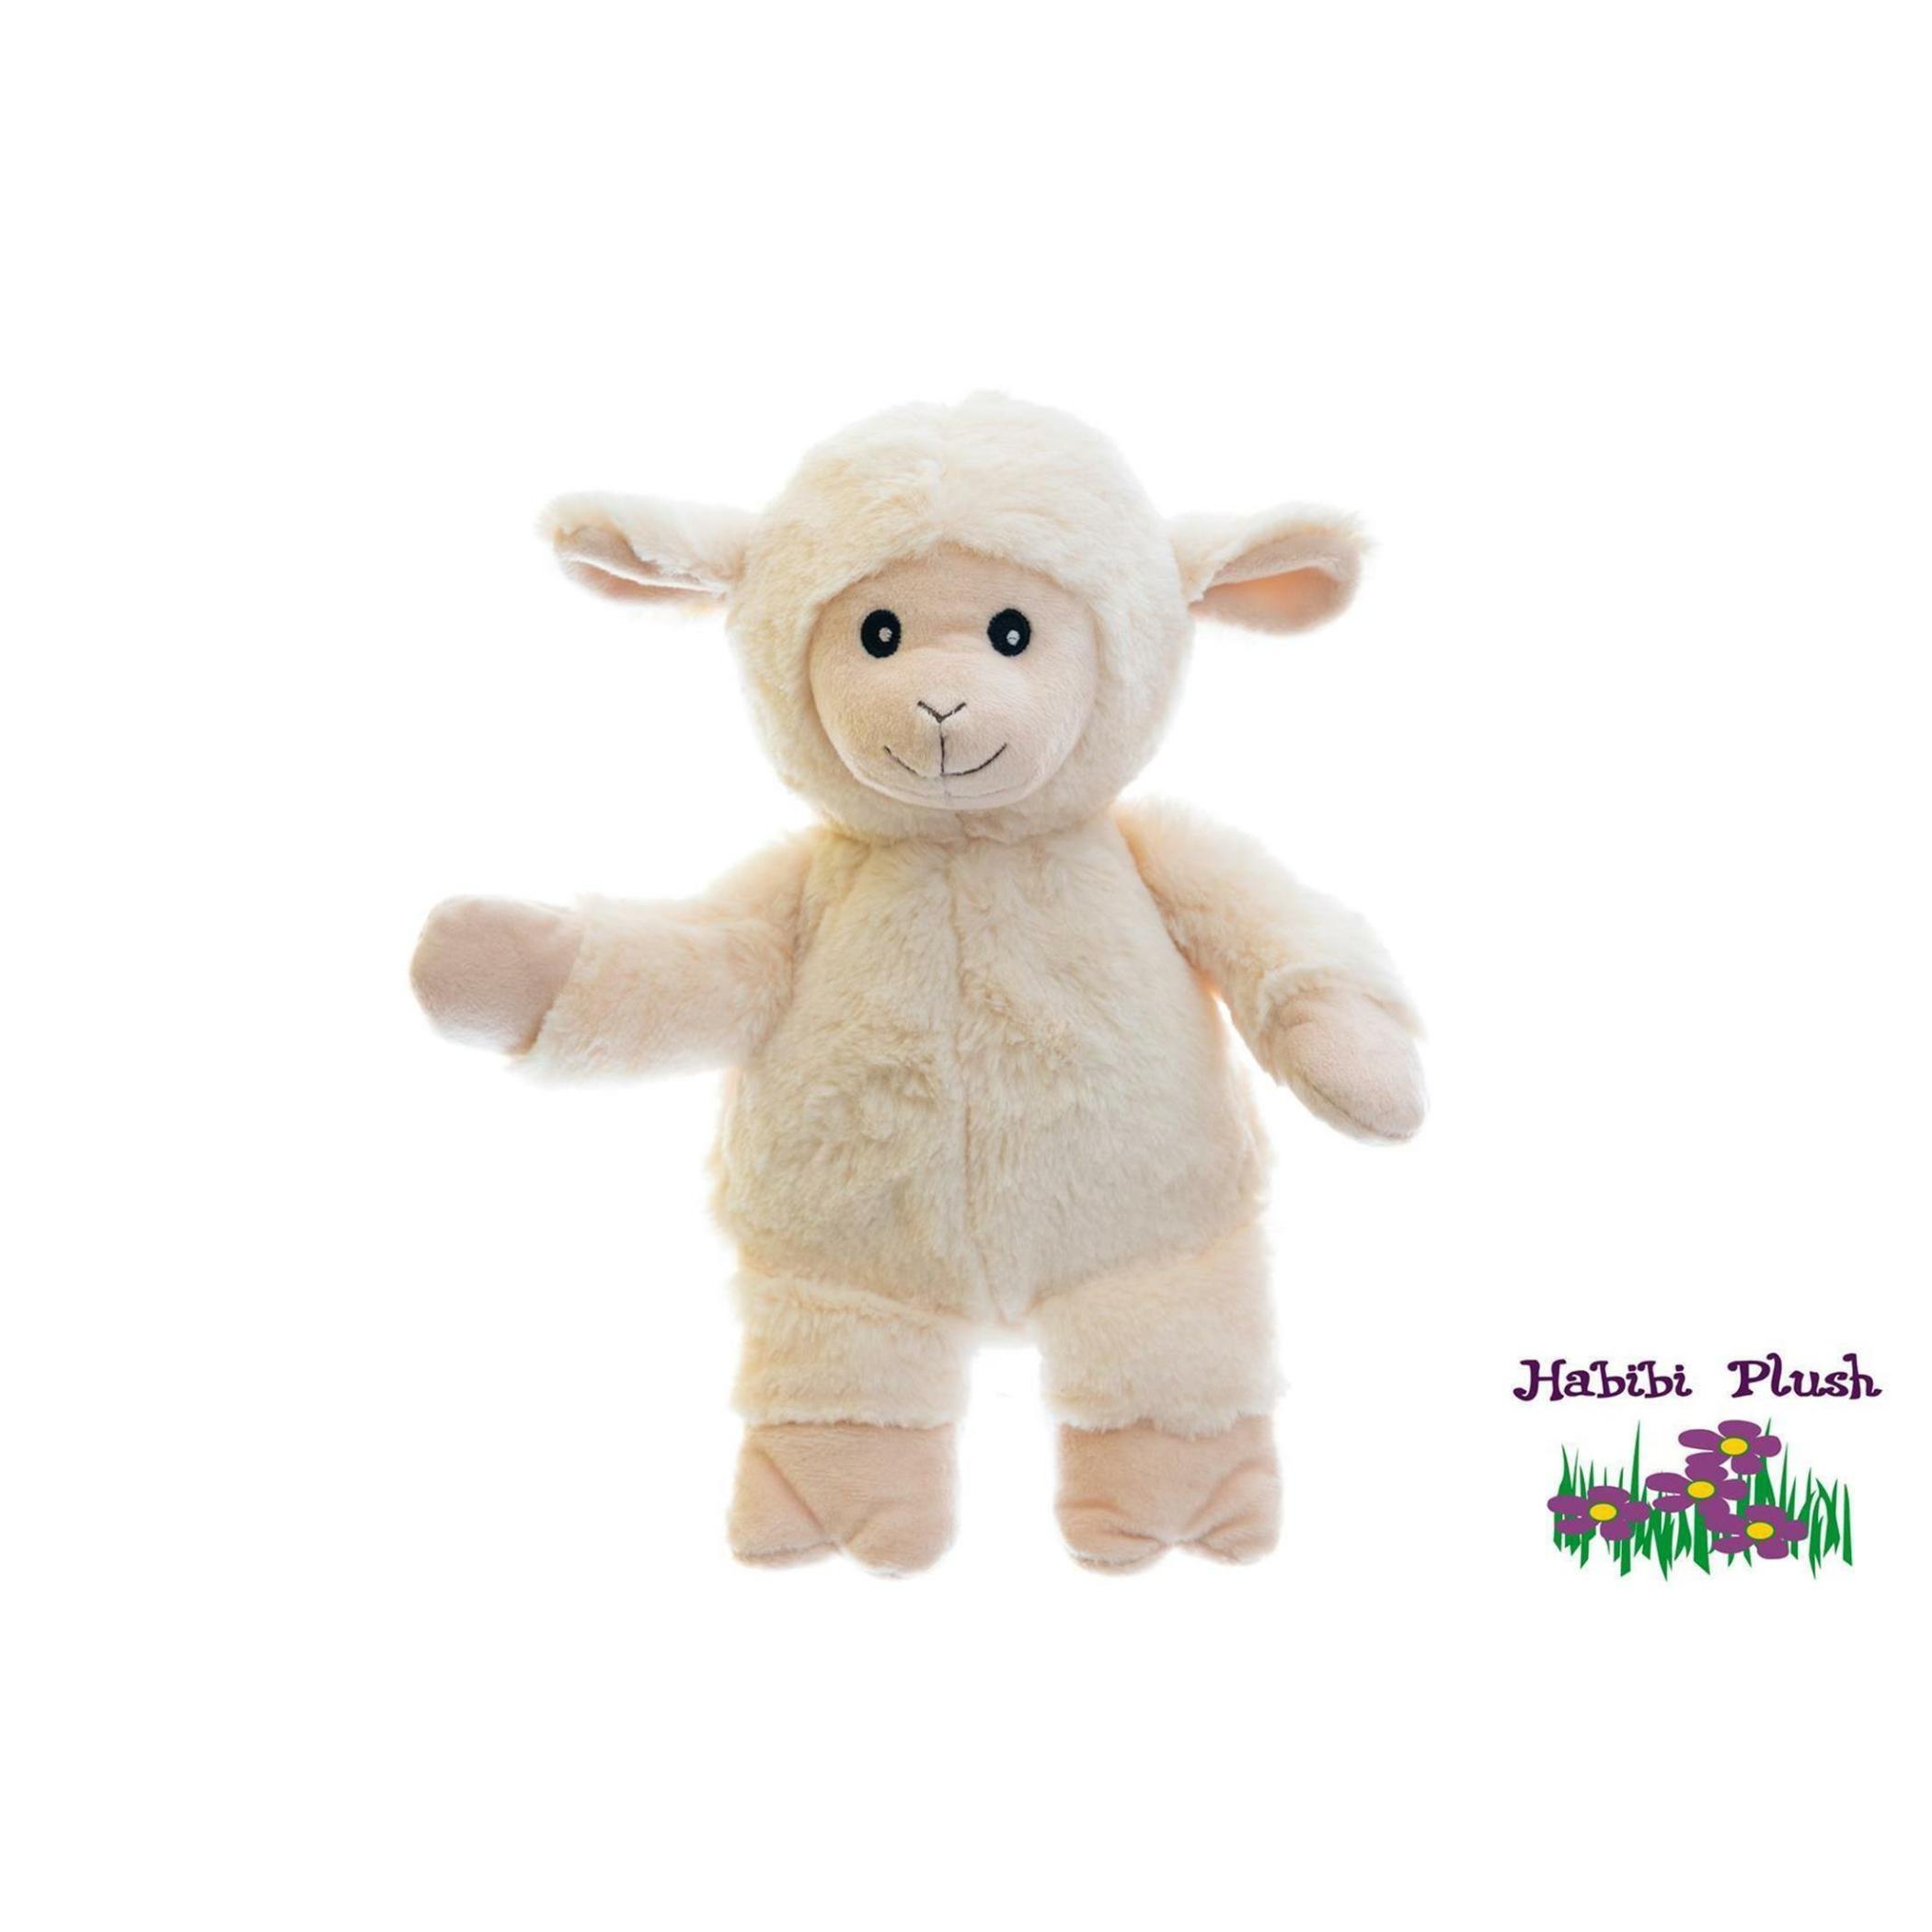 - Habibi Plush : Habibi Schaf Sitzend mit Klettverschluss   -